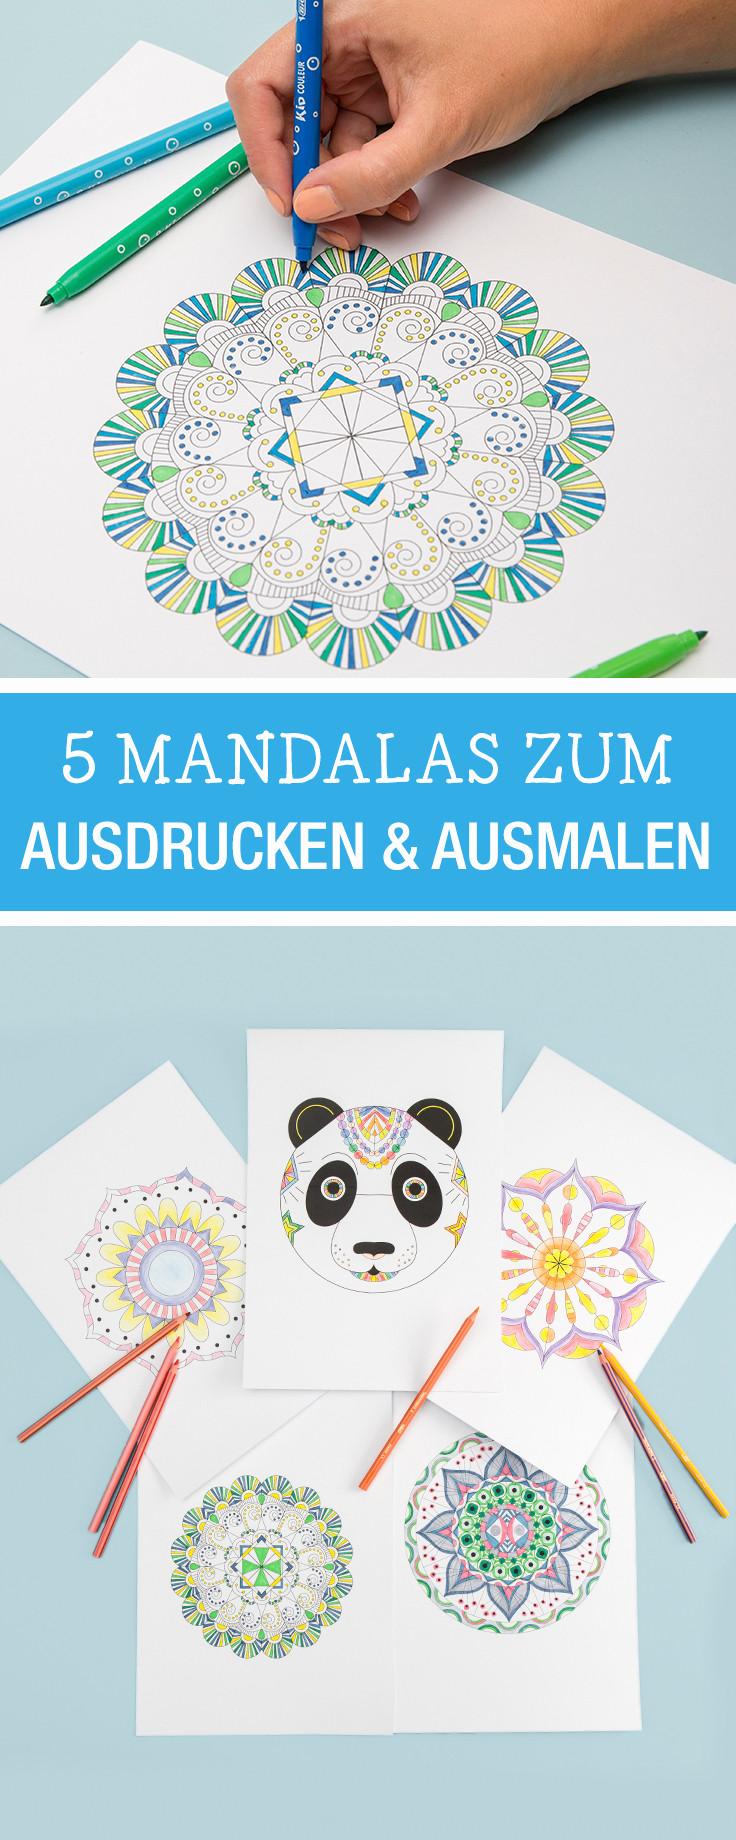 Anspruchsvolle Mandalas Zum Ausdrucken Inspirierend 58 Model Designs Von Mandala Ausdrucken Erwachsene Bilder